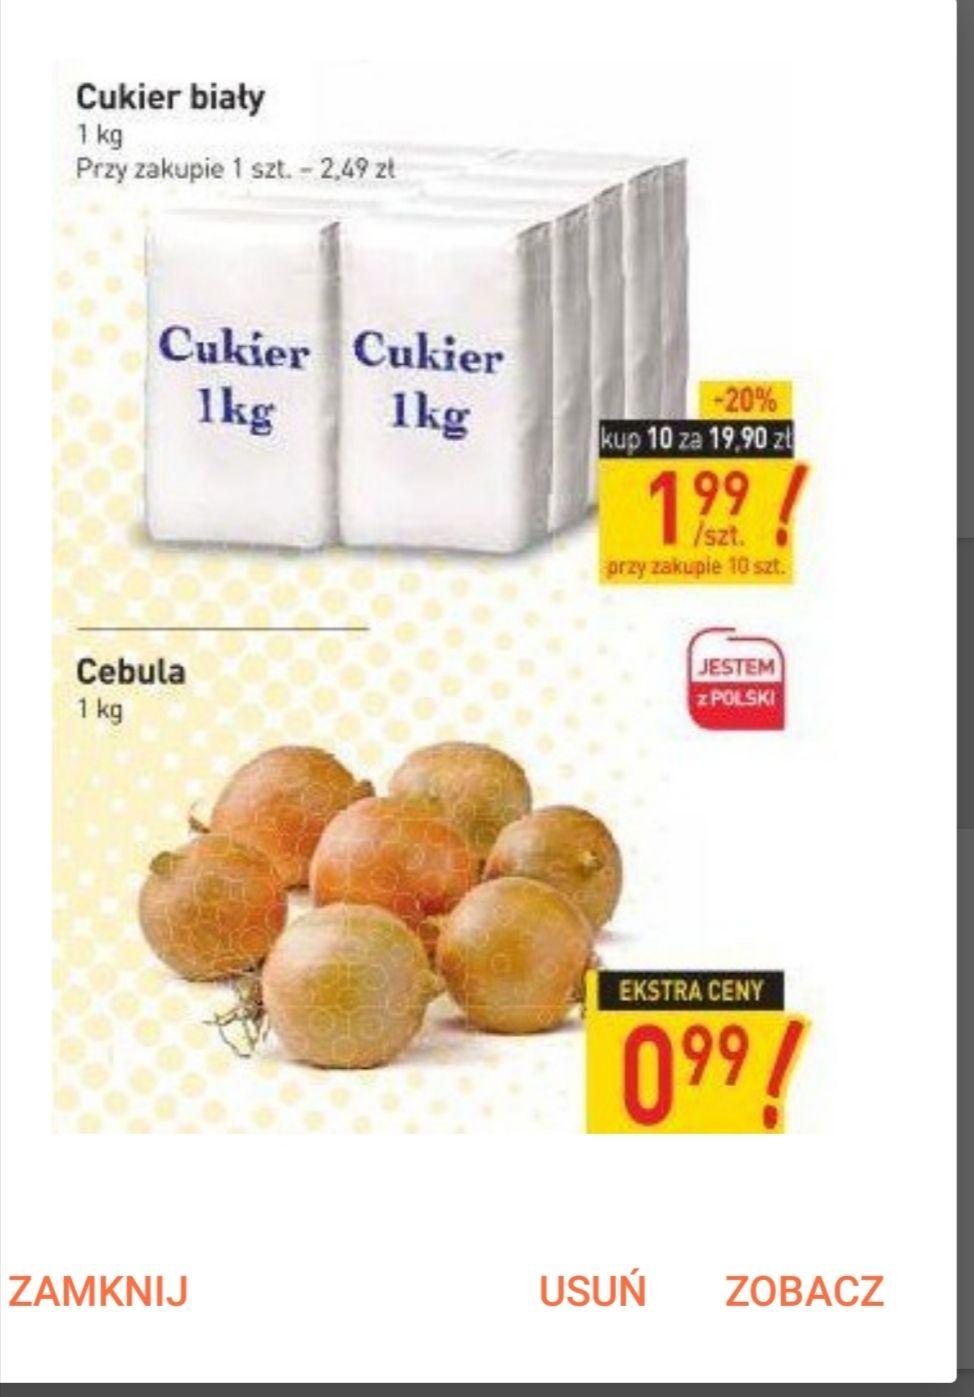 cukier za 1.99 przy zakupie 10kg, cebula 0,99/kg@Stokrotka